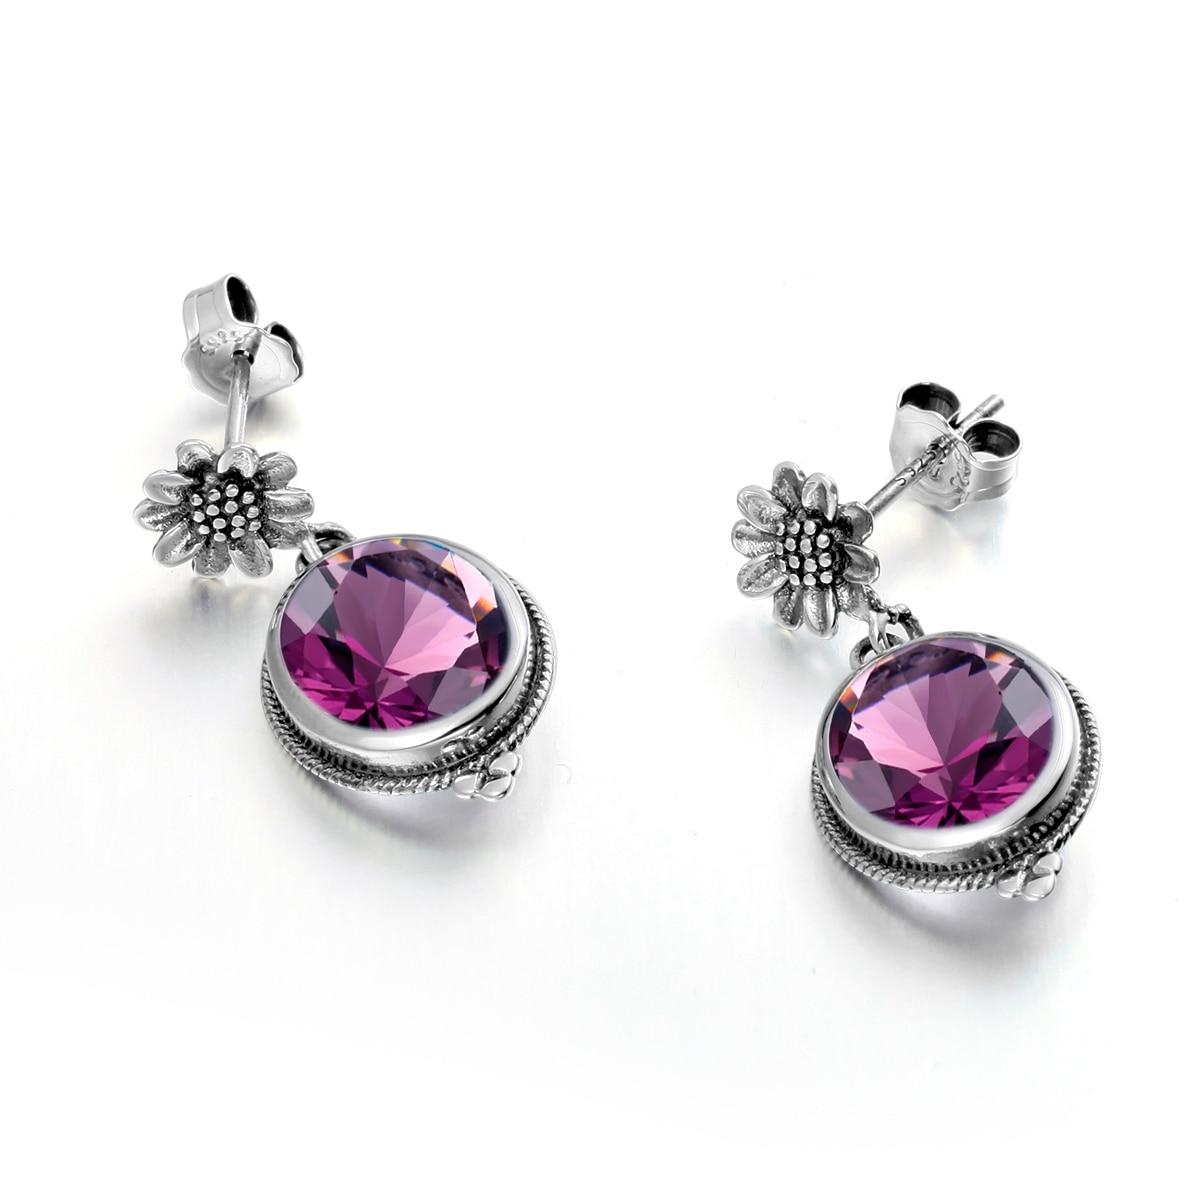 925 Original Sterling Silver Earrings Purple Amethyst Vintage Flower Pattern Luxury Bands Fine Jewelry For Women Accessories